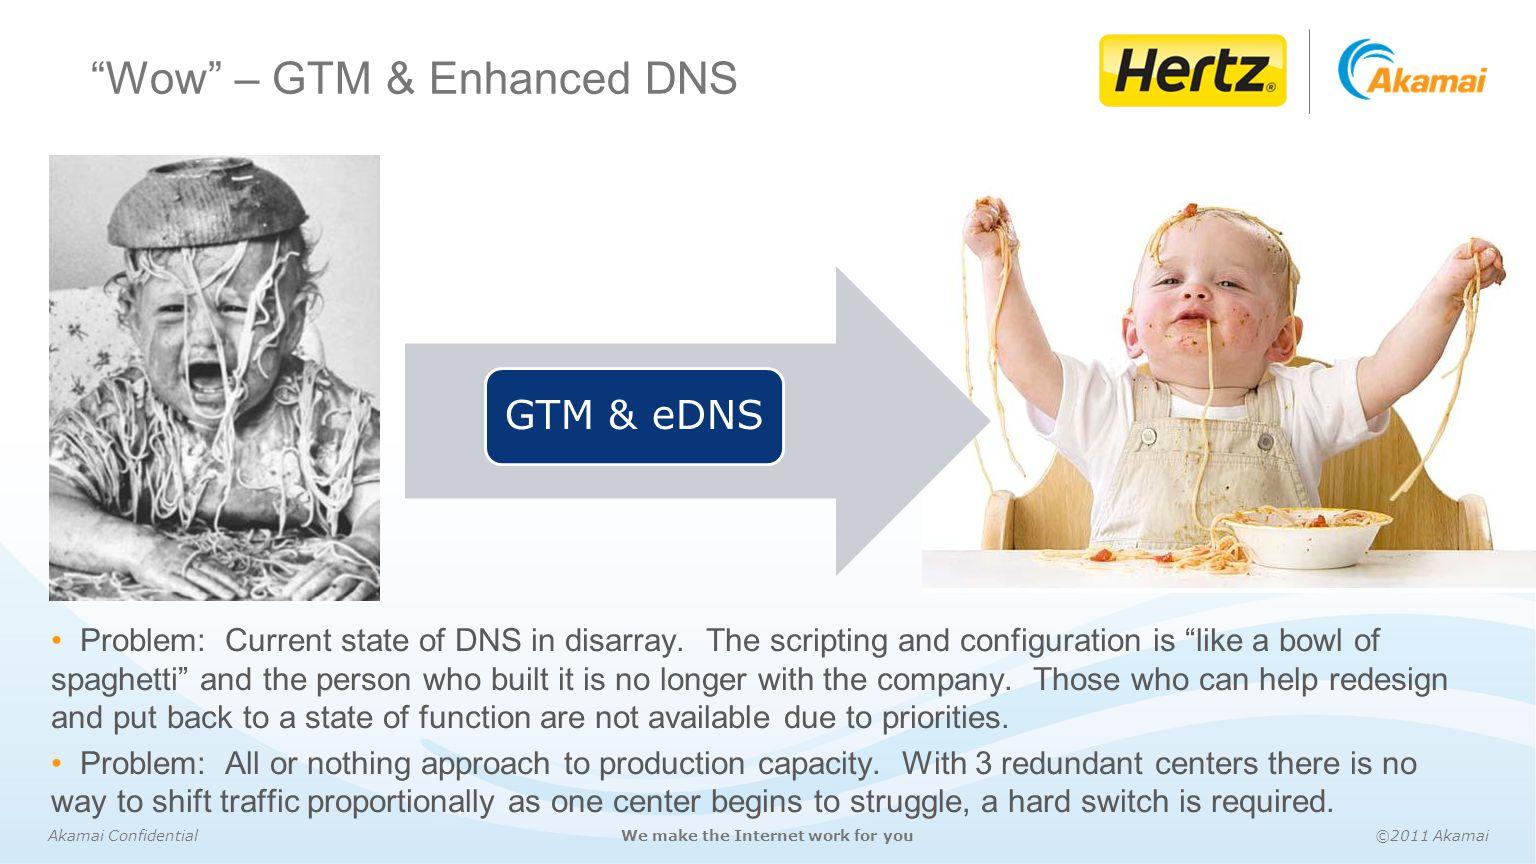 Wow – GTM & Enhanced DNS